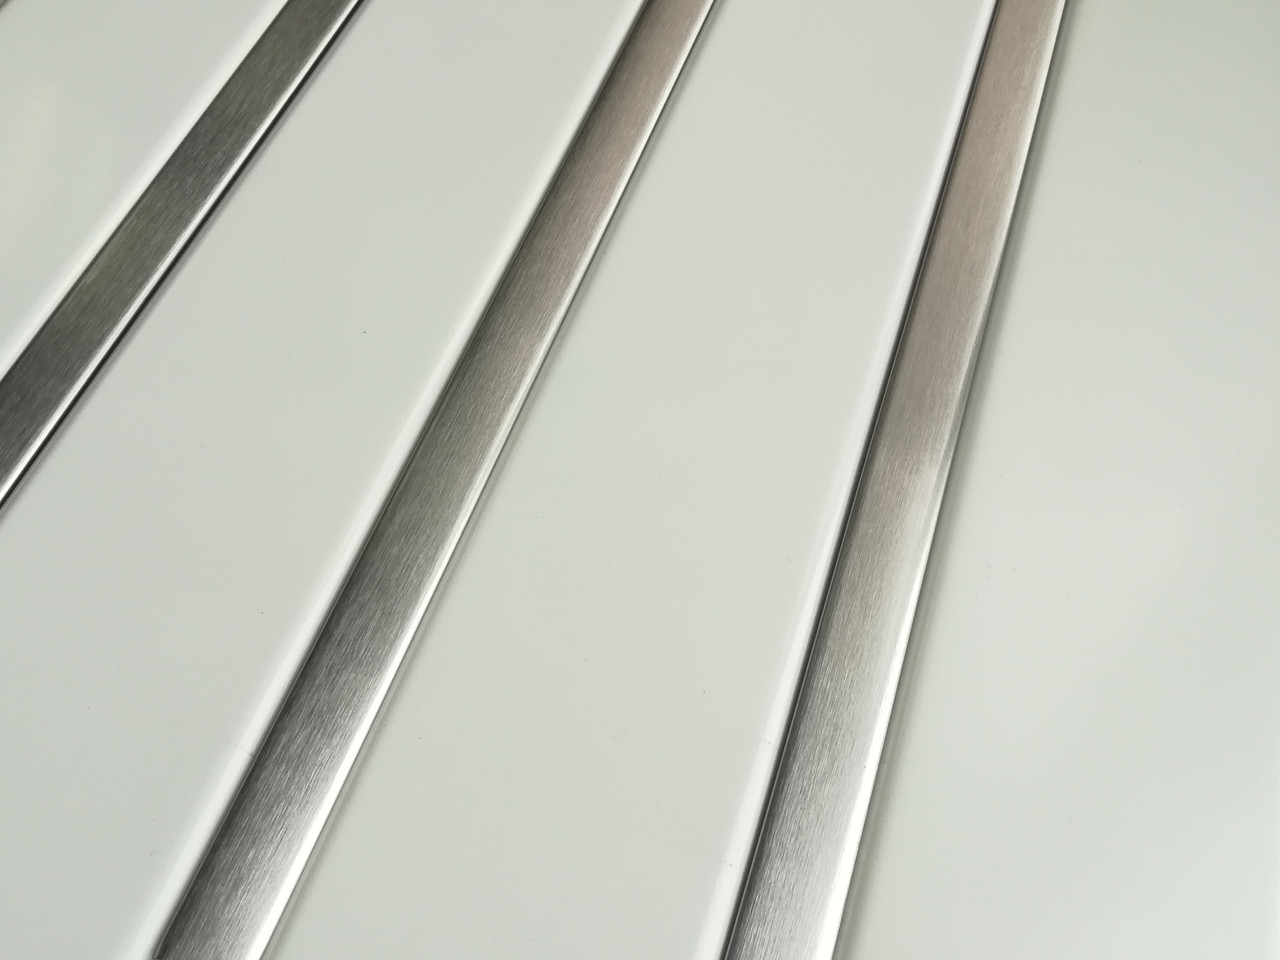 Рейкова алюмінієва стеля Allux білий матовий - нержавійка сатин комплект 190 см х 220 см